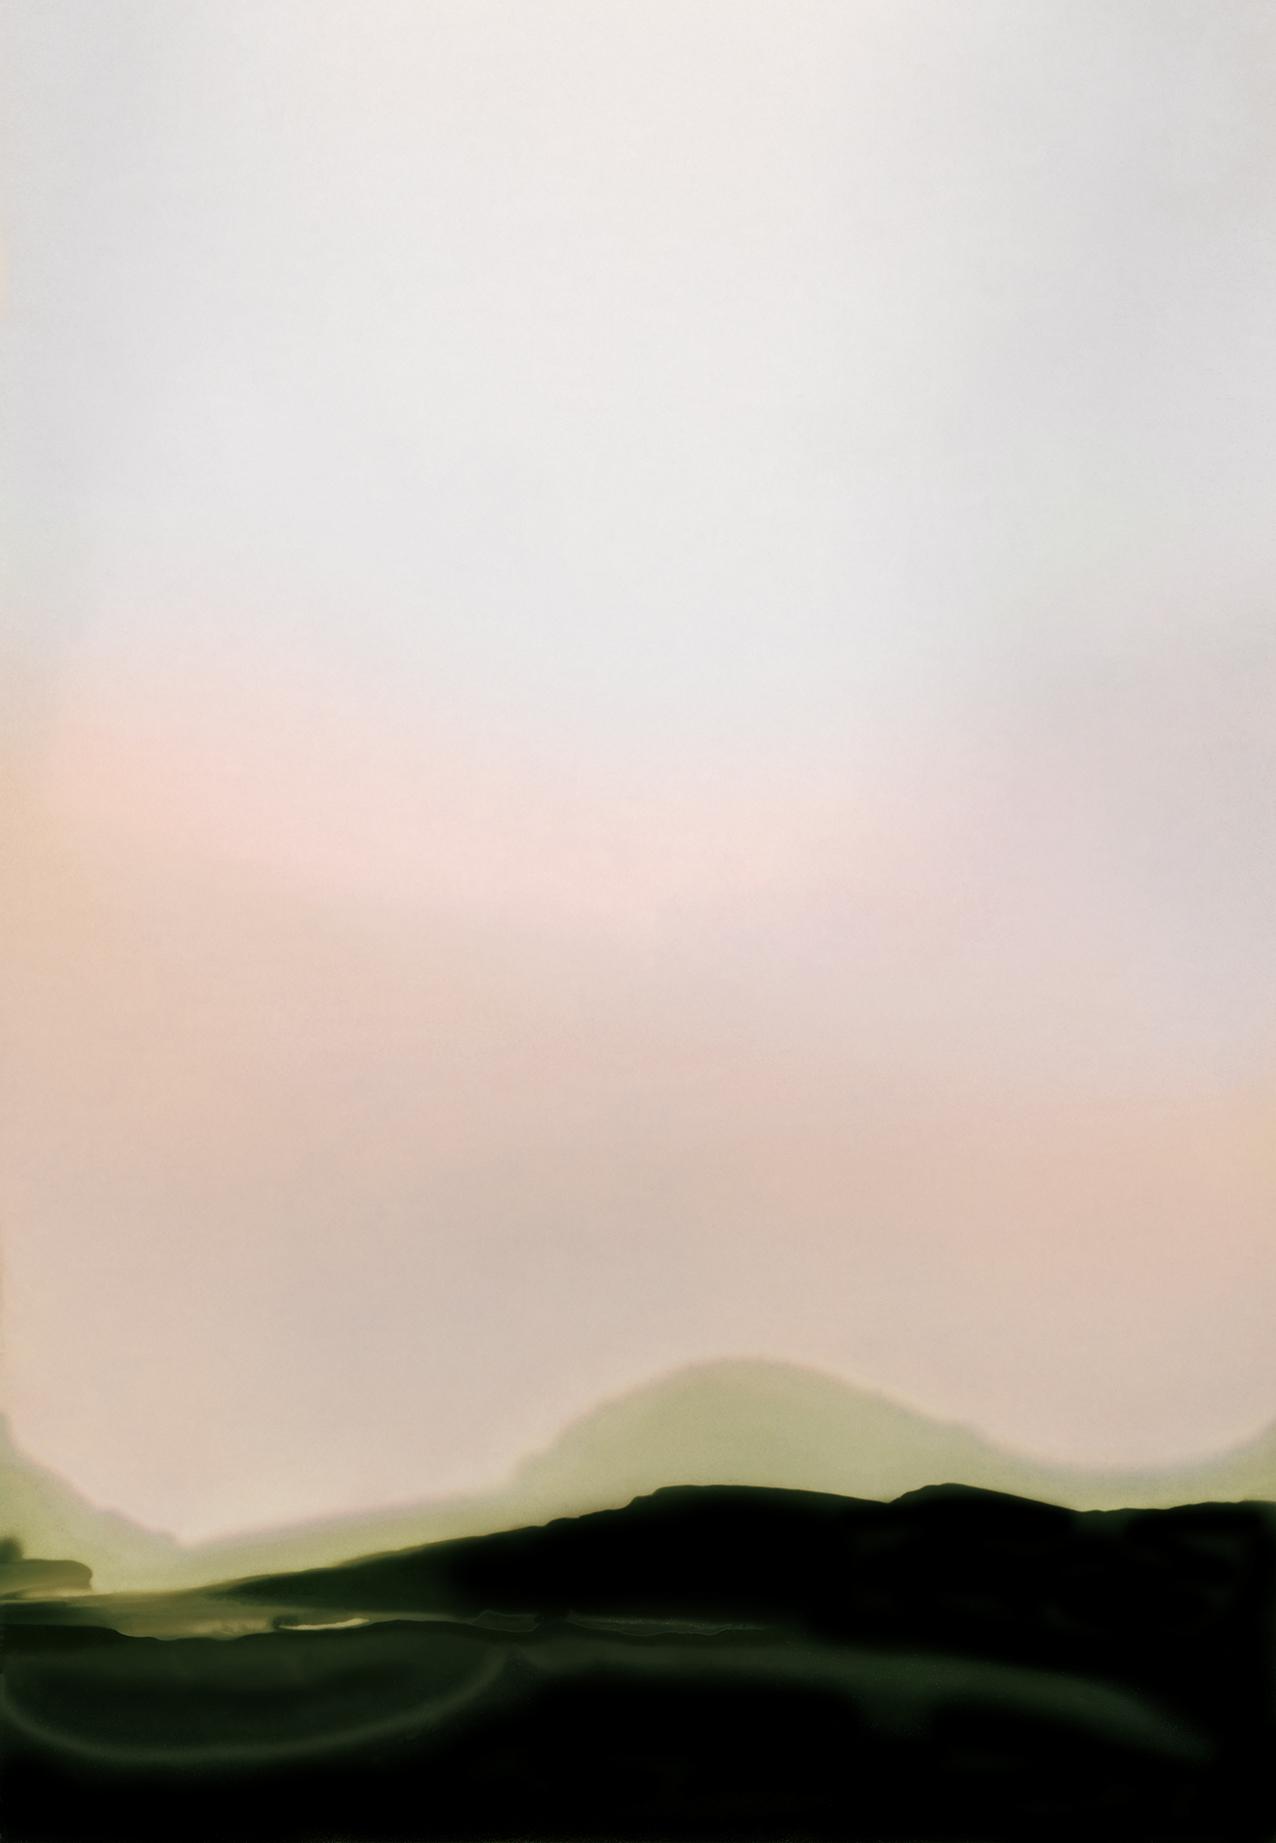 נטלי יששכרי- תערוכת יחיד נקודת היפוך